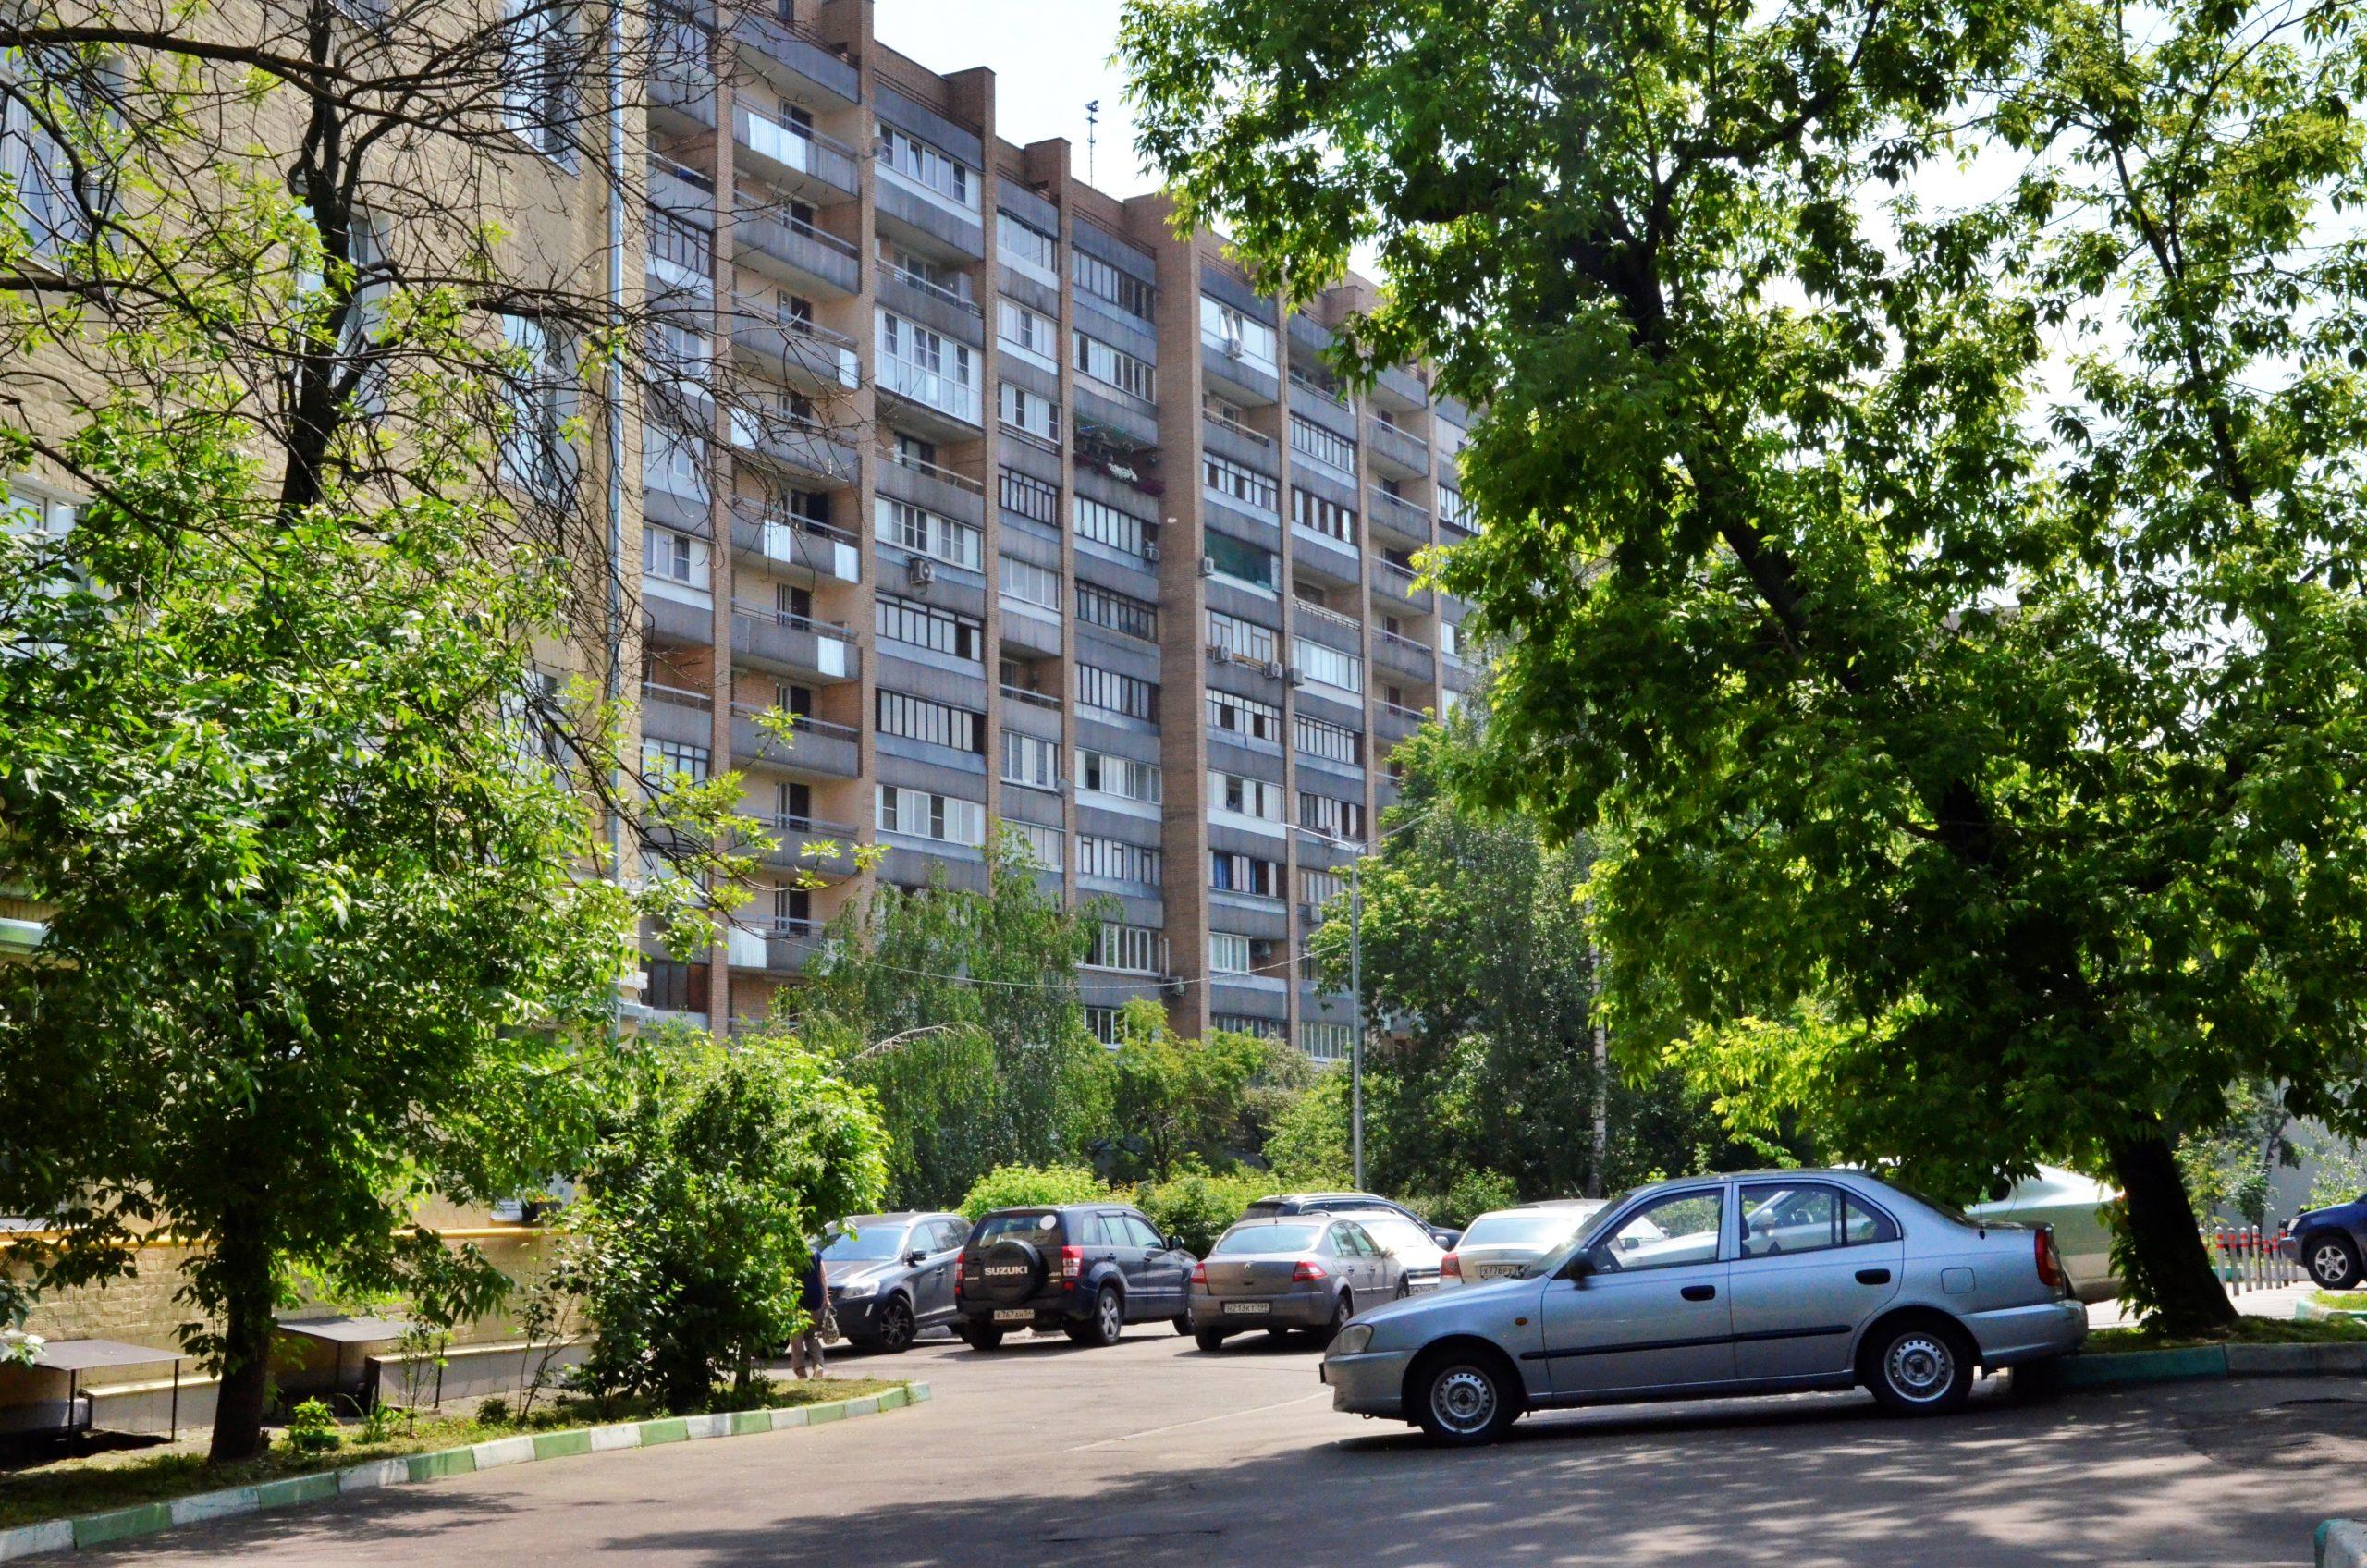 Свыше 100 парковочных мест для резидентов появилось на 11 улицах Москвы